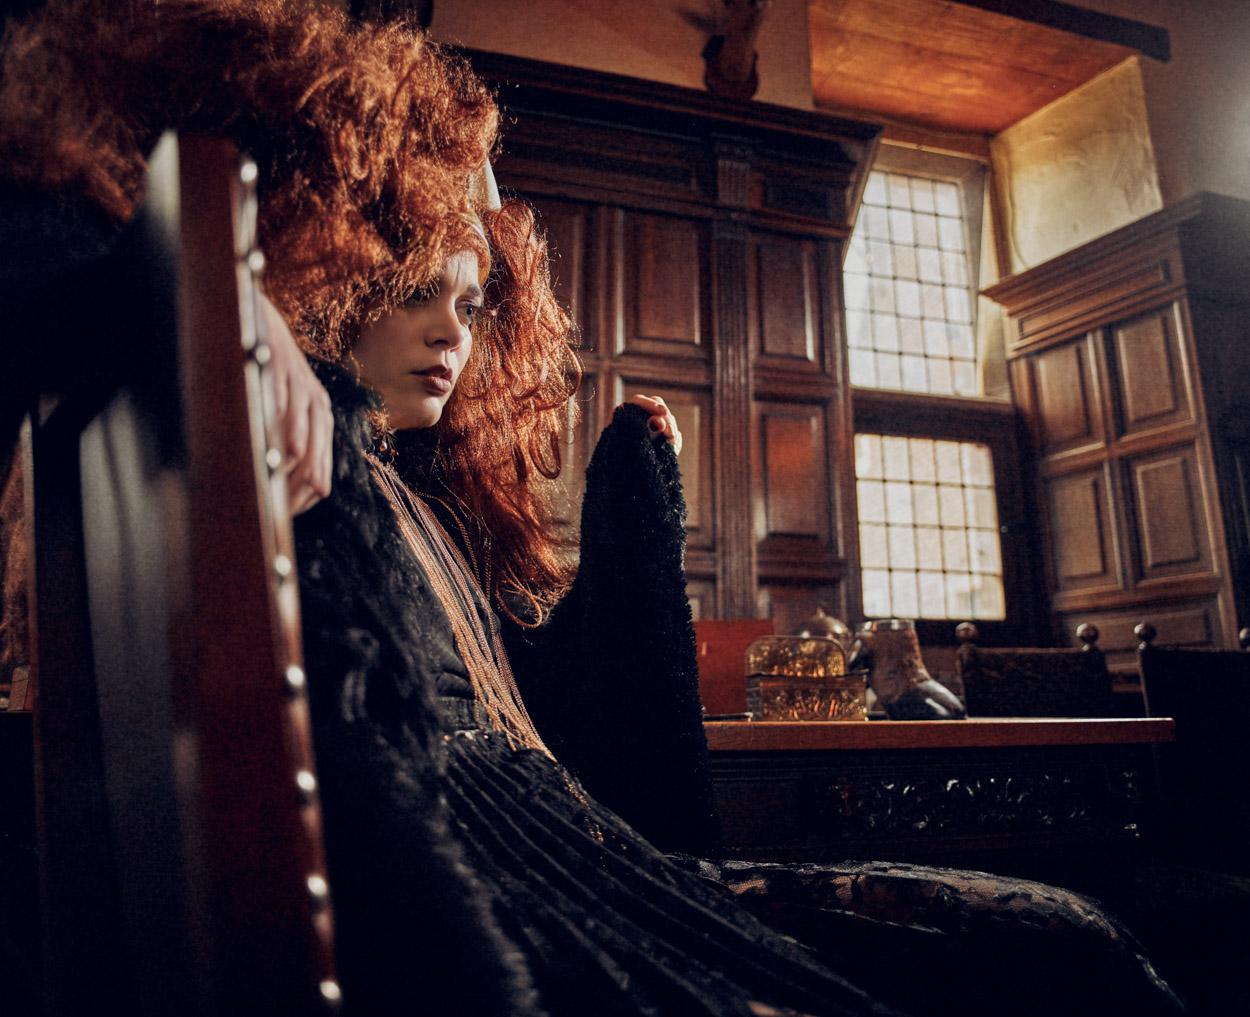 foto: ©Frank Doorhof - Nadine op stoel in studeerkamer